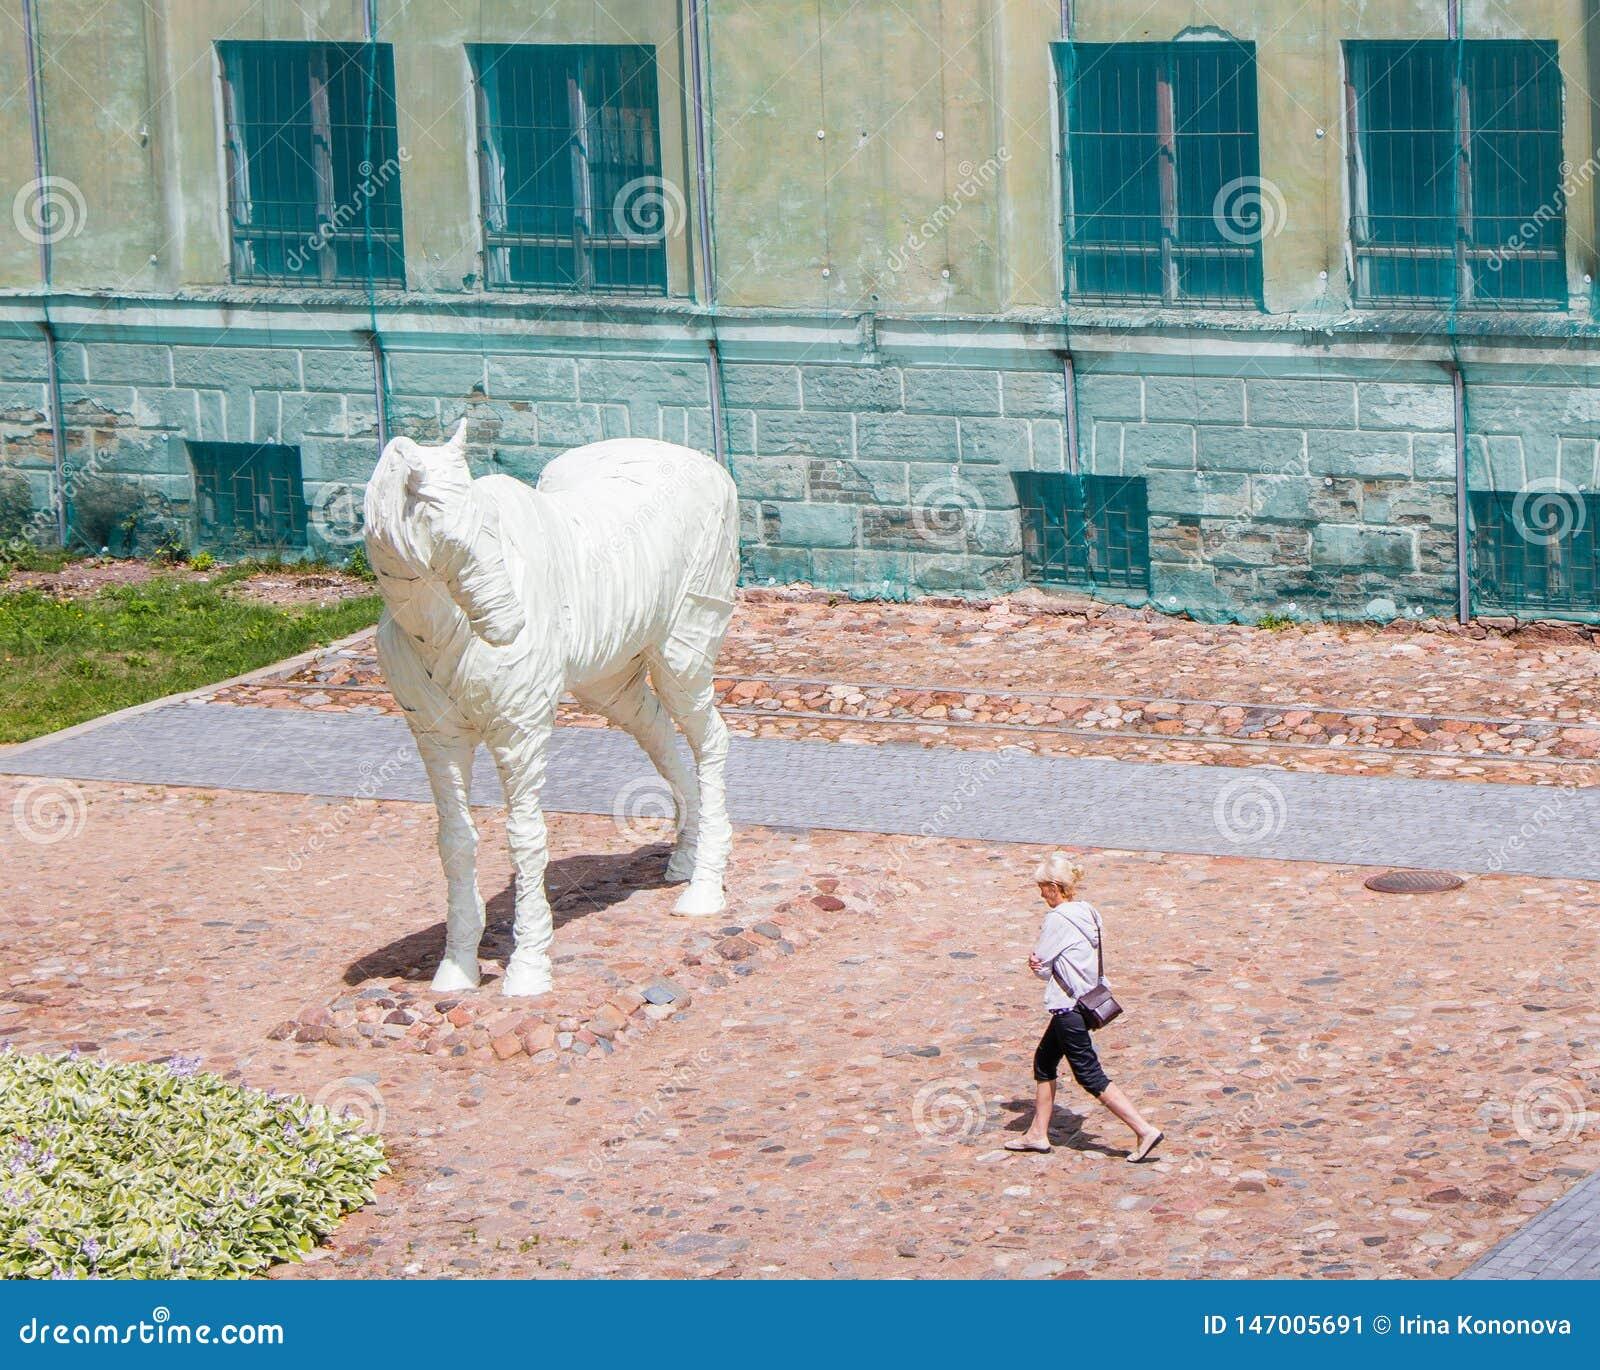 El fantasma de la fortaleza de Dinaburg es un caballo blanco Ella dio vuelta a su cabeza a la muchacha que pasaba cerca